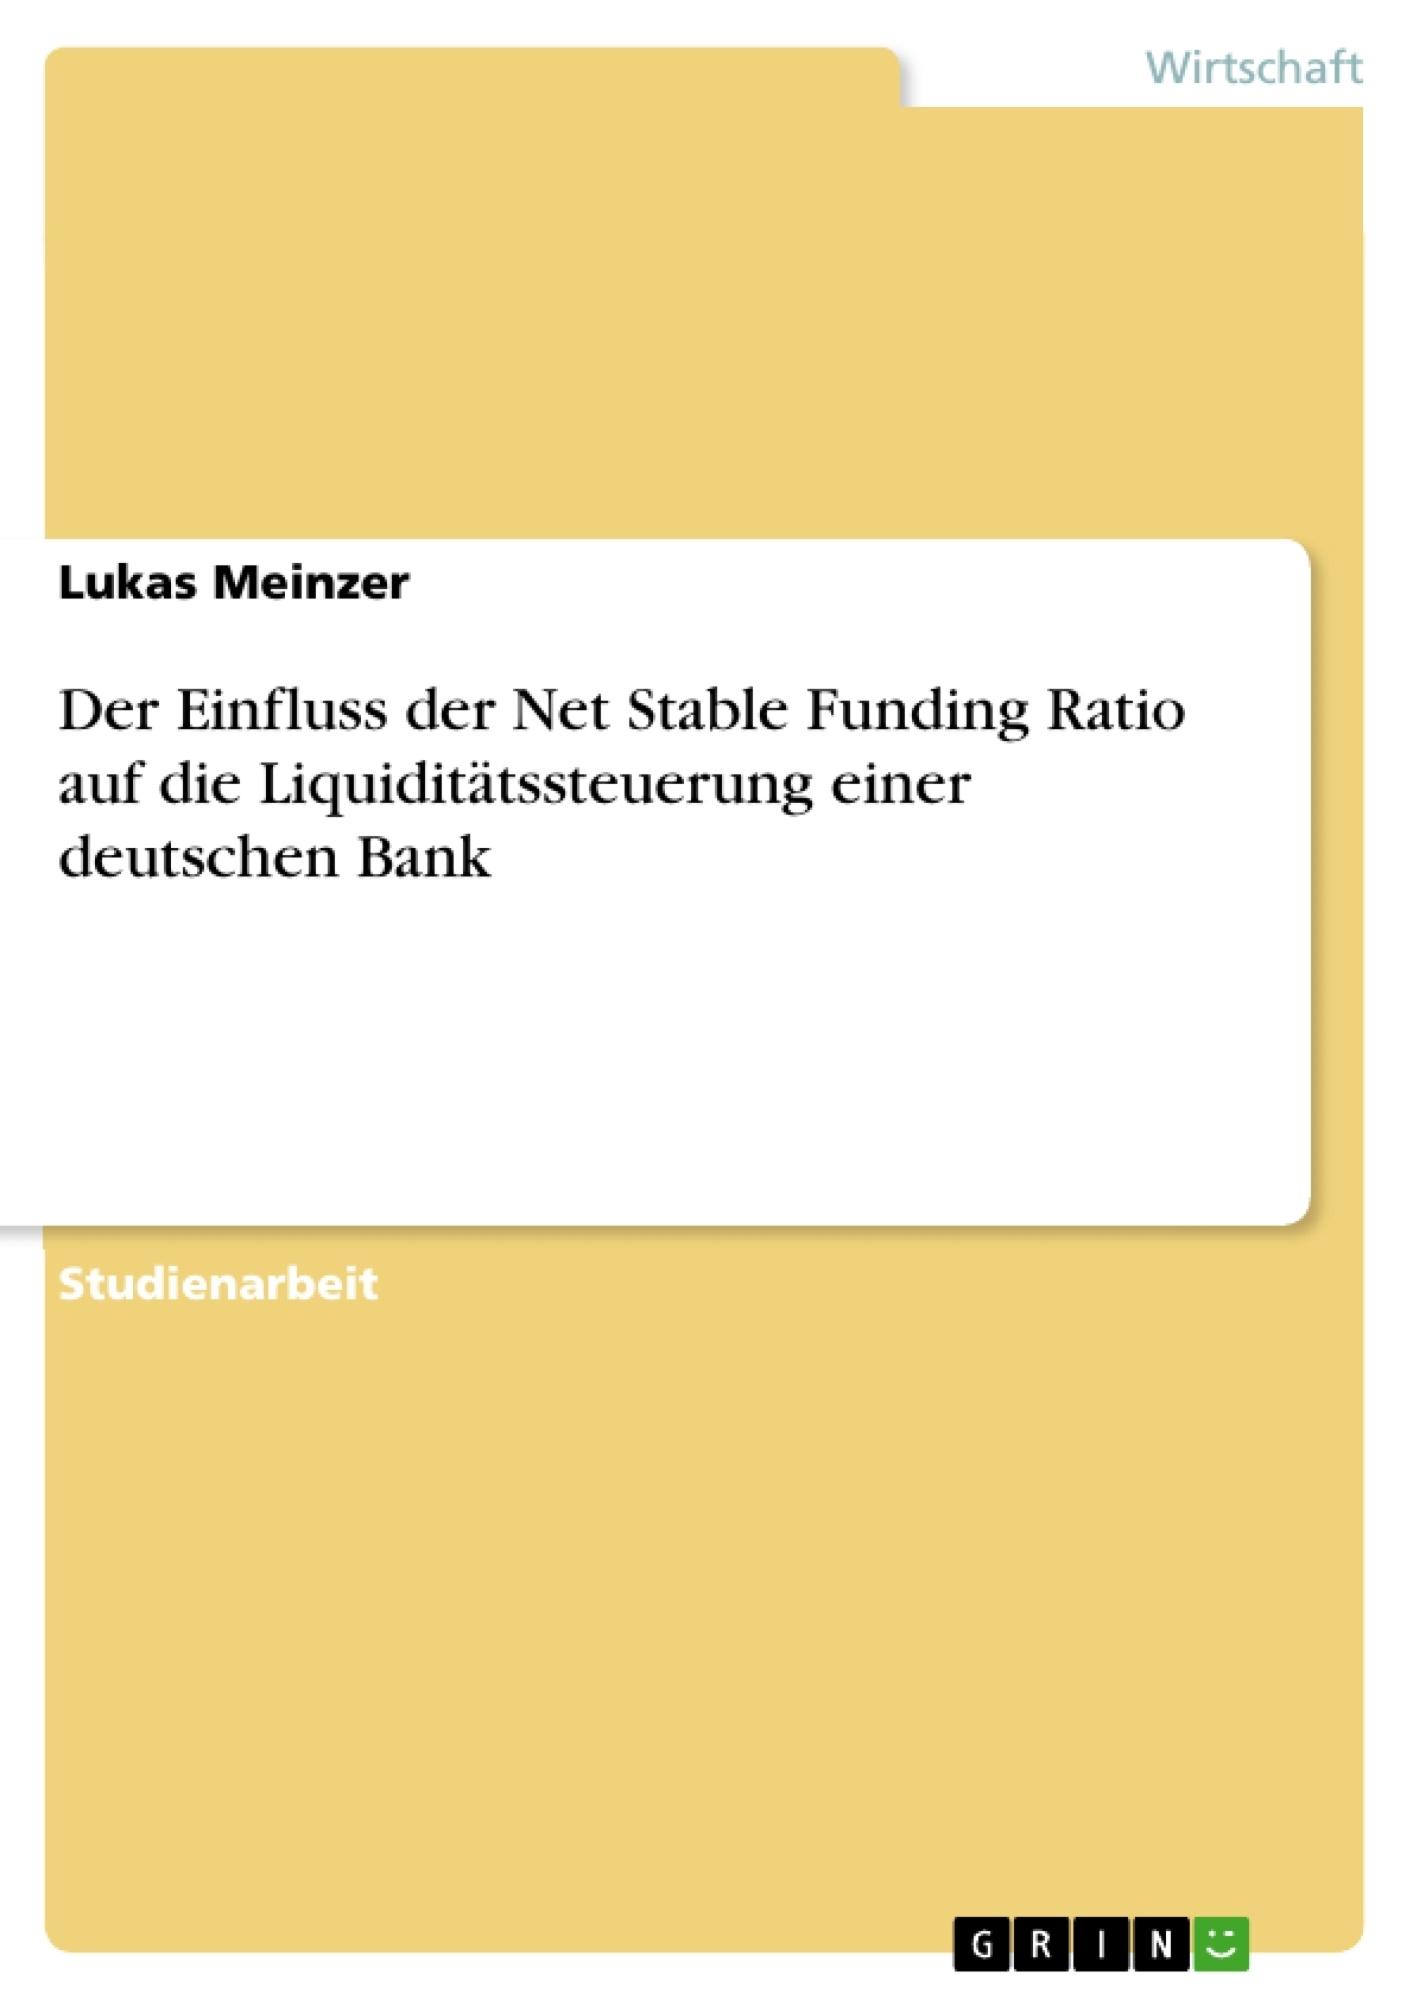 Titel: Der Einfluss der Net Stable Funding Ratio auf die Liquiditätssteuerung einer deutschen Bank